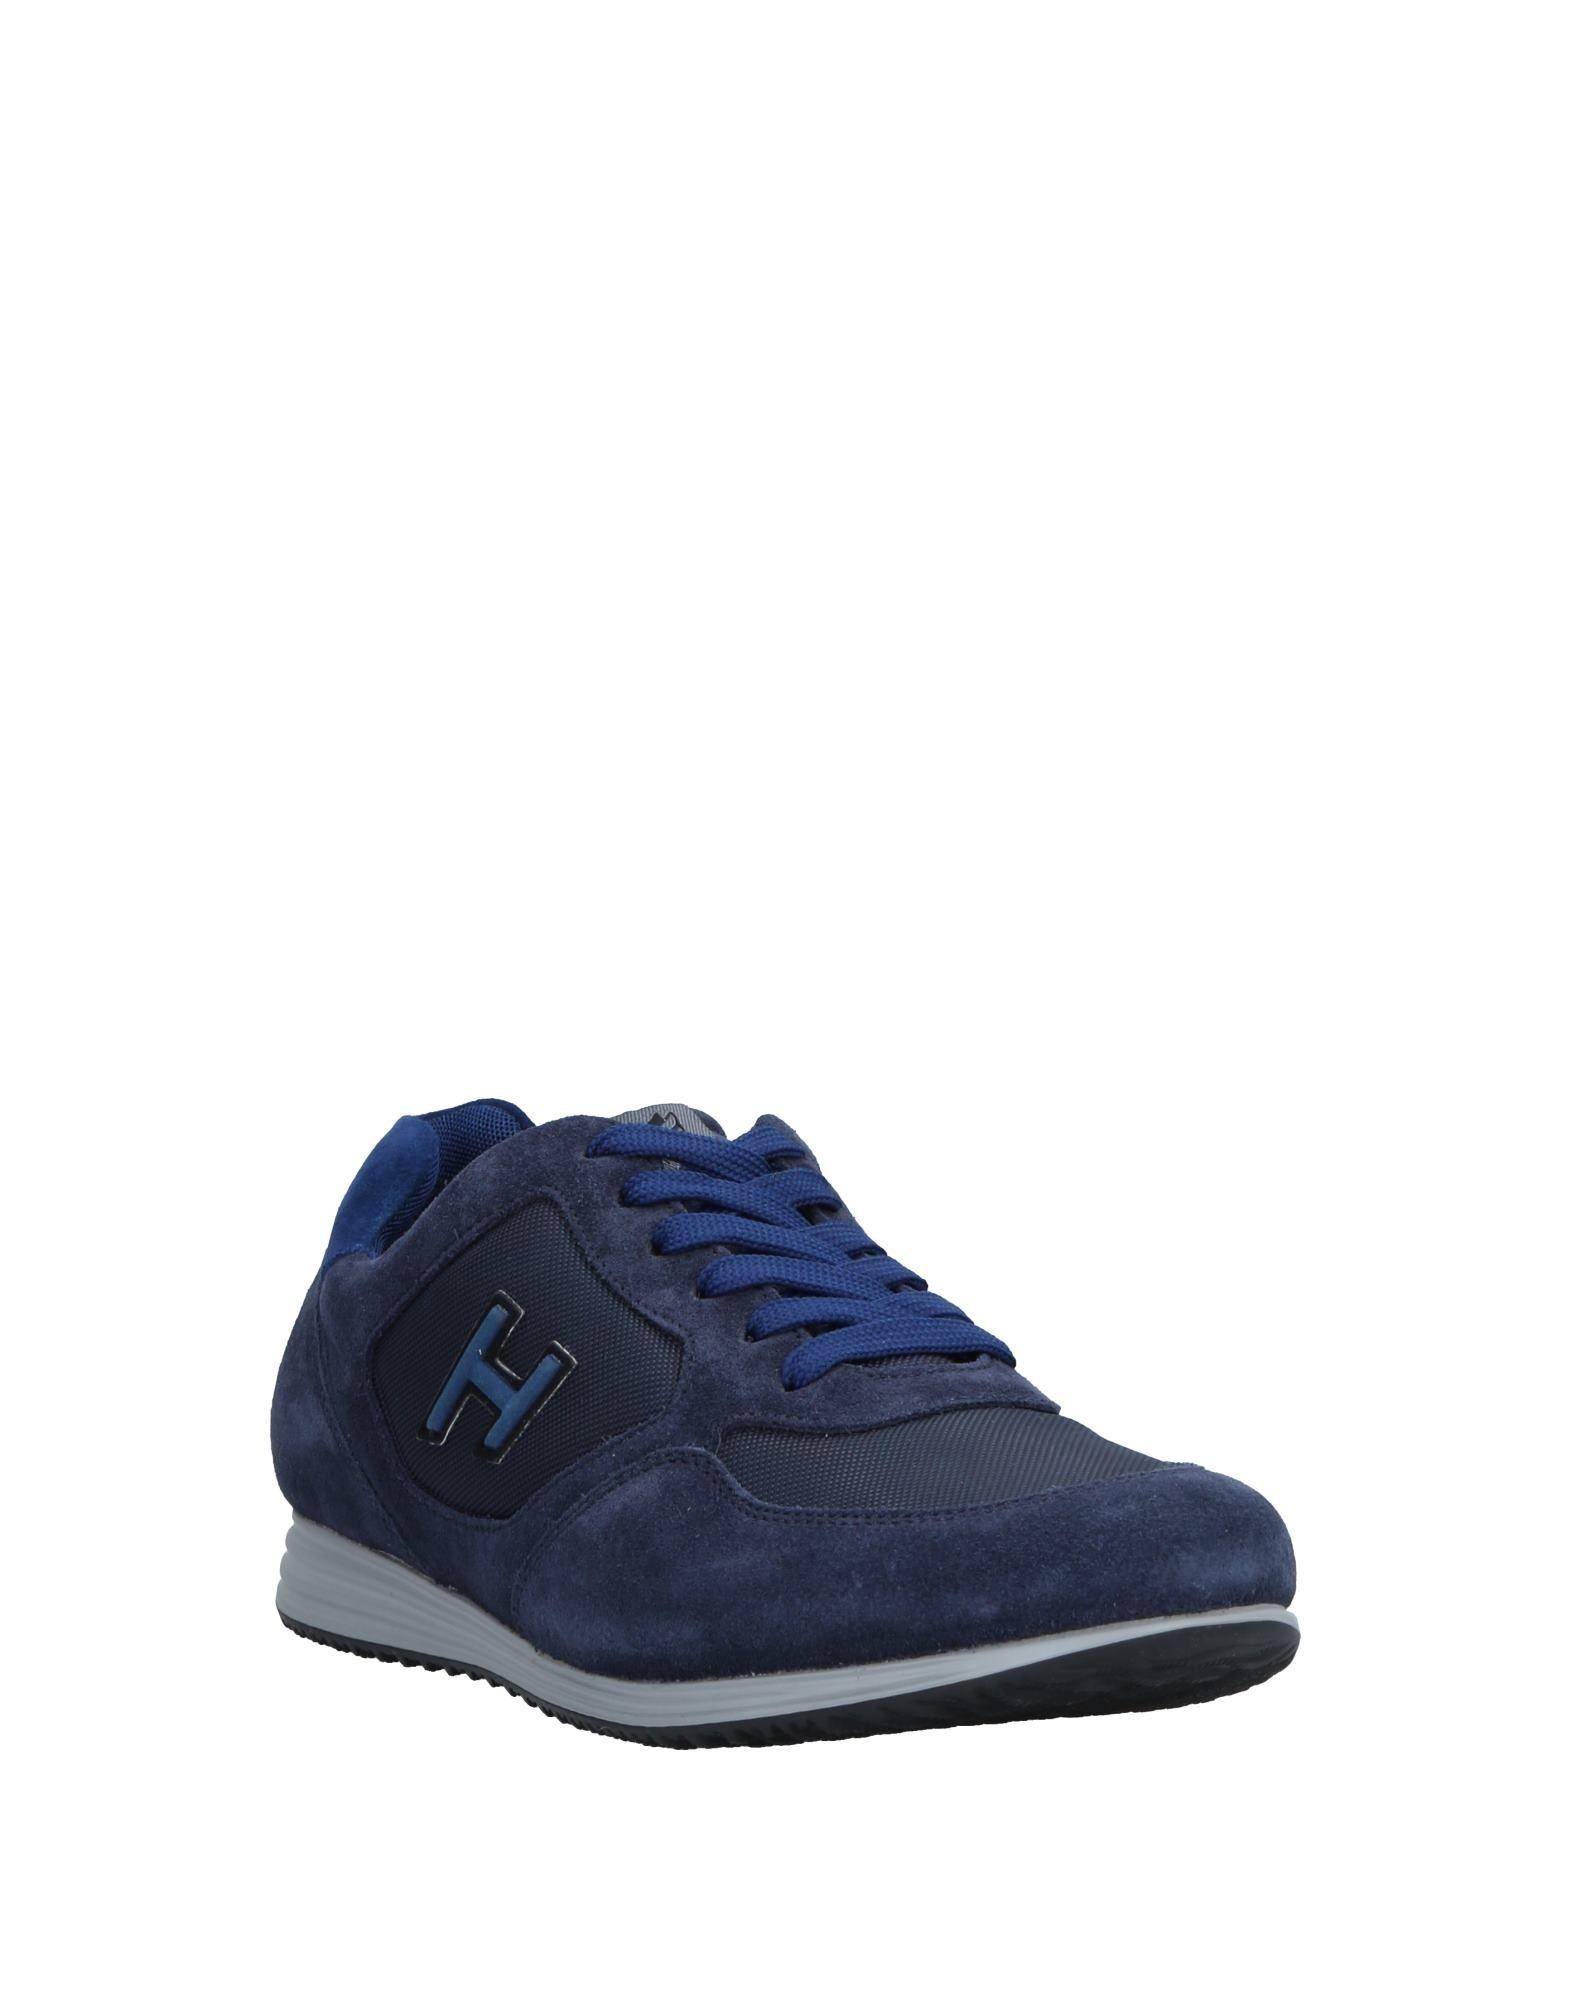 Hogan Gute Sneakers Herren  11541037FA Gute Hogan Qualität beliebte Schuhe d6438f